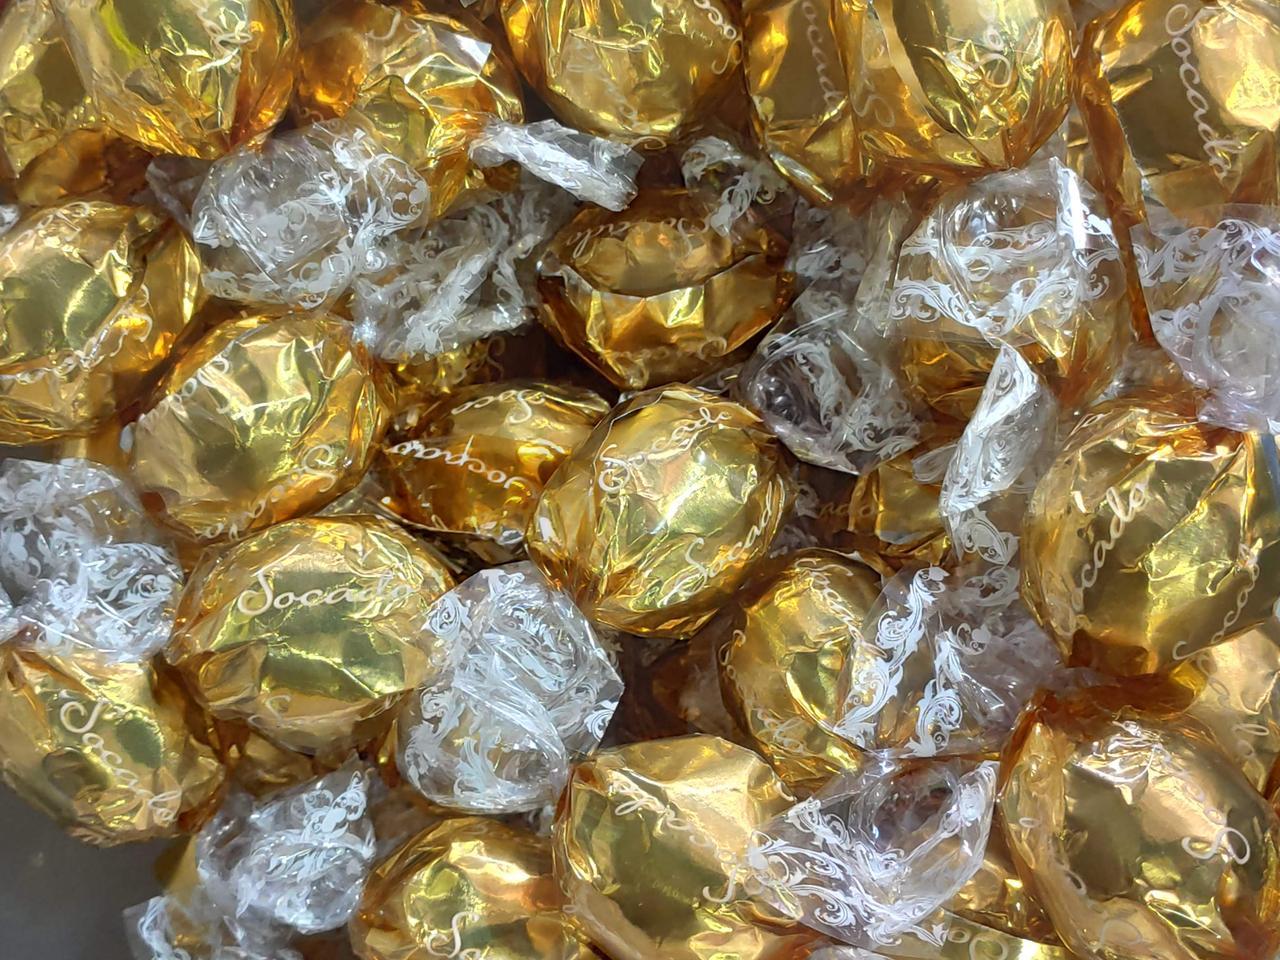 Шоколадные конфеты Socado (Золотые)  1кг